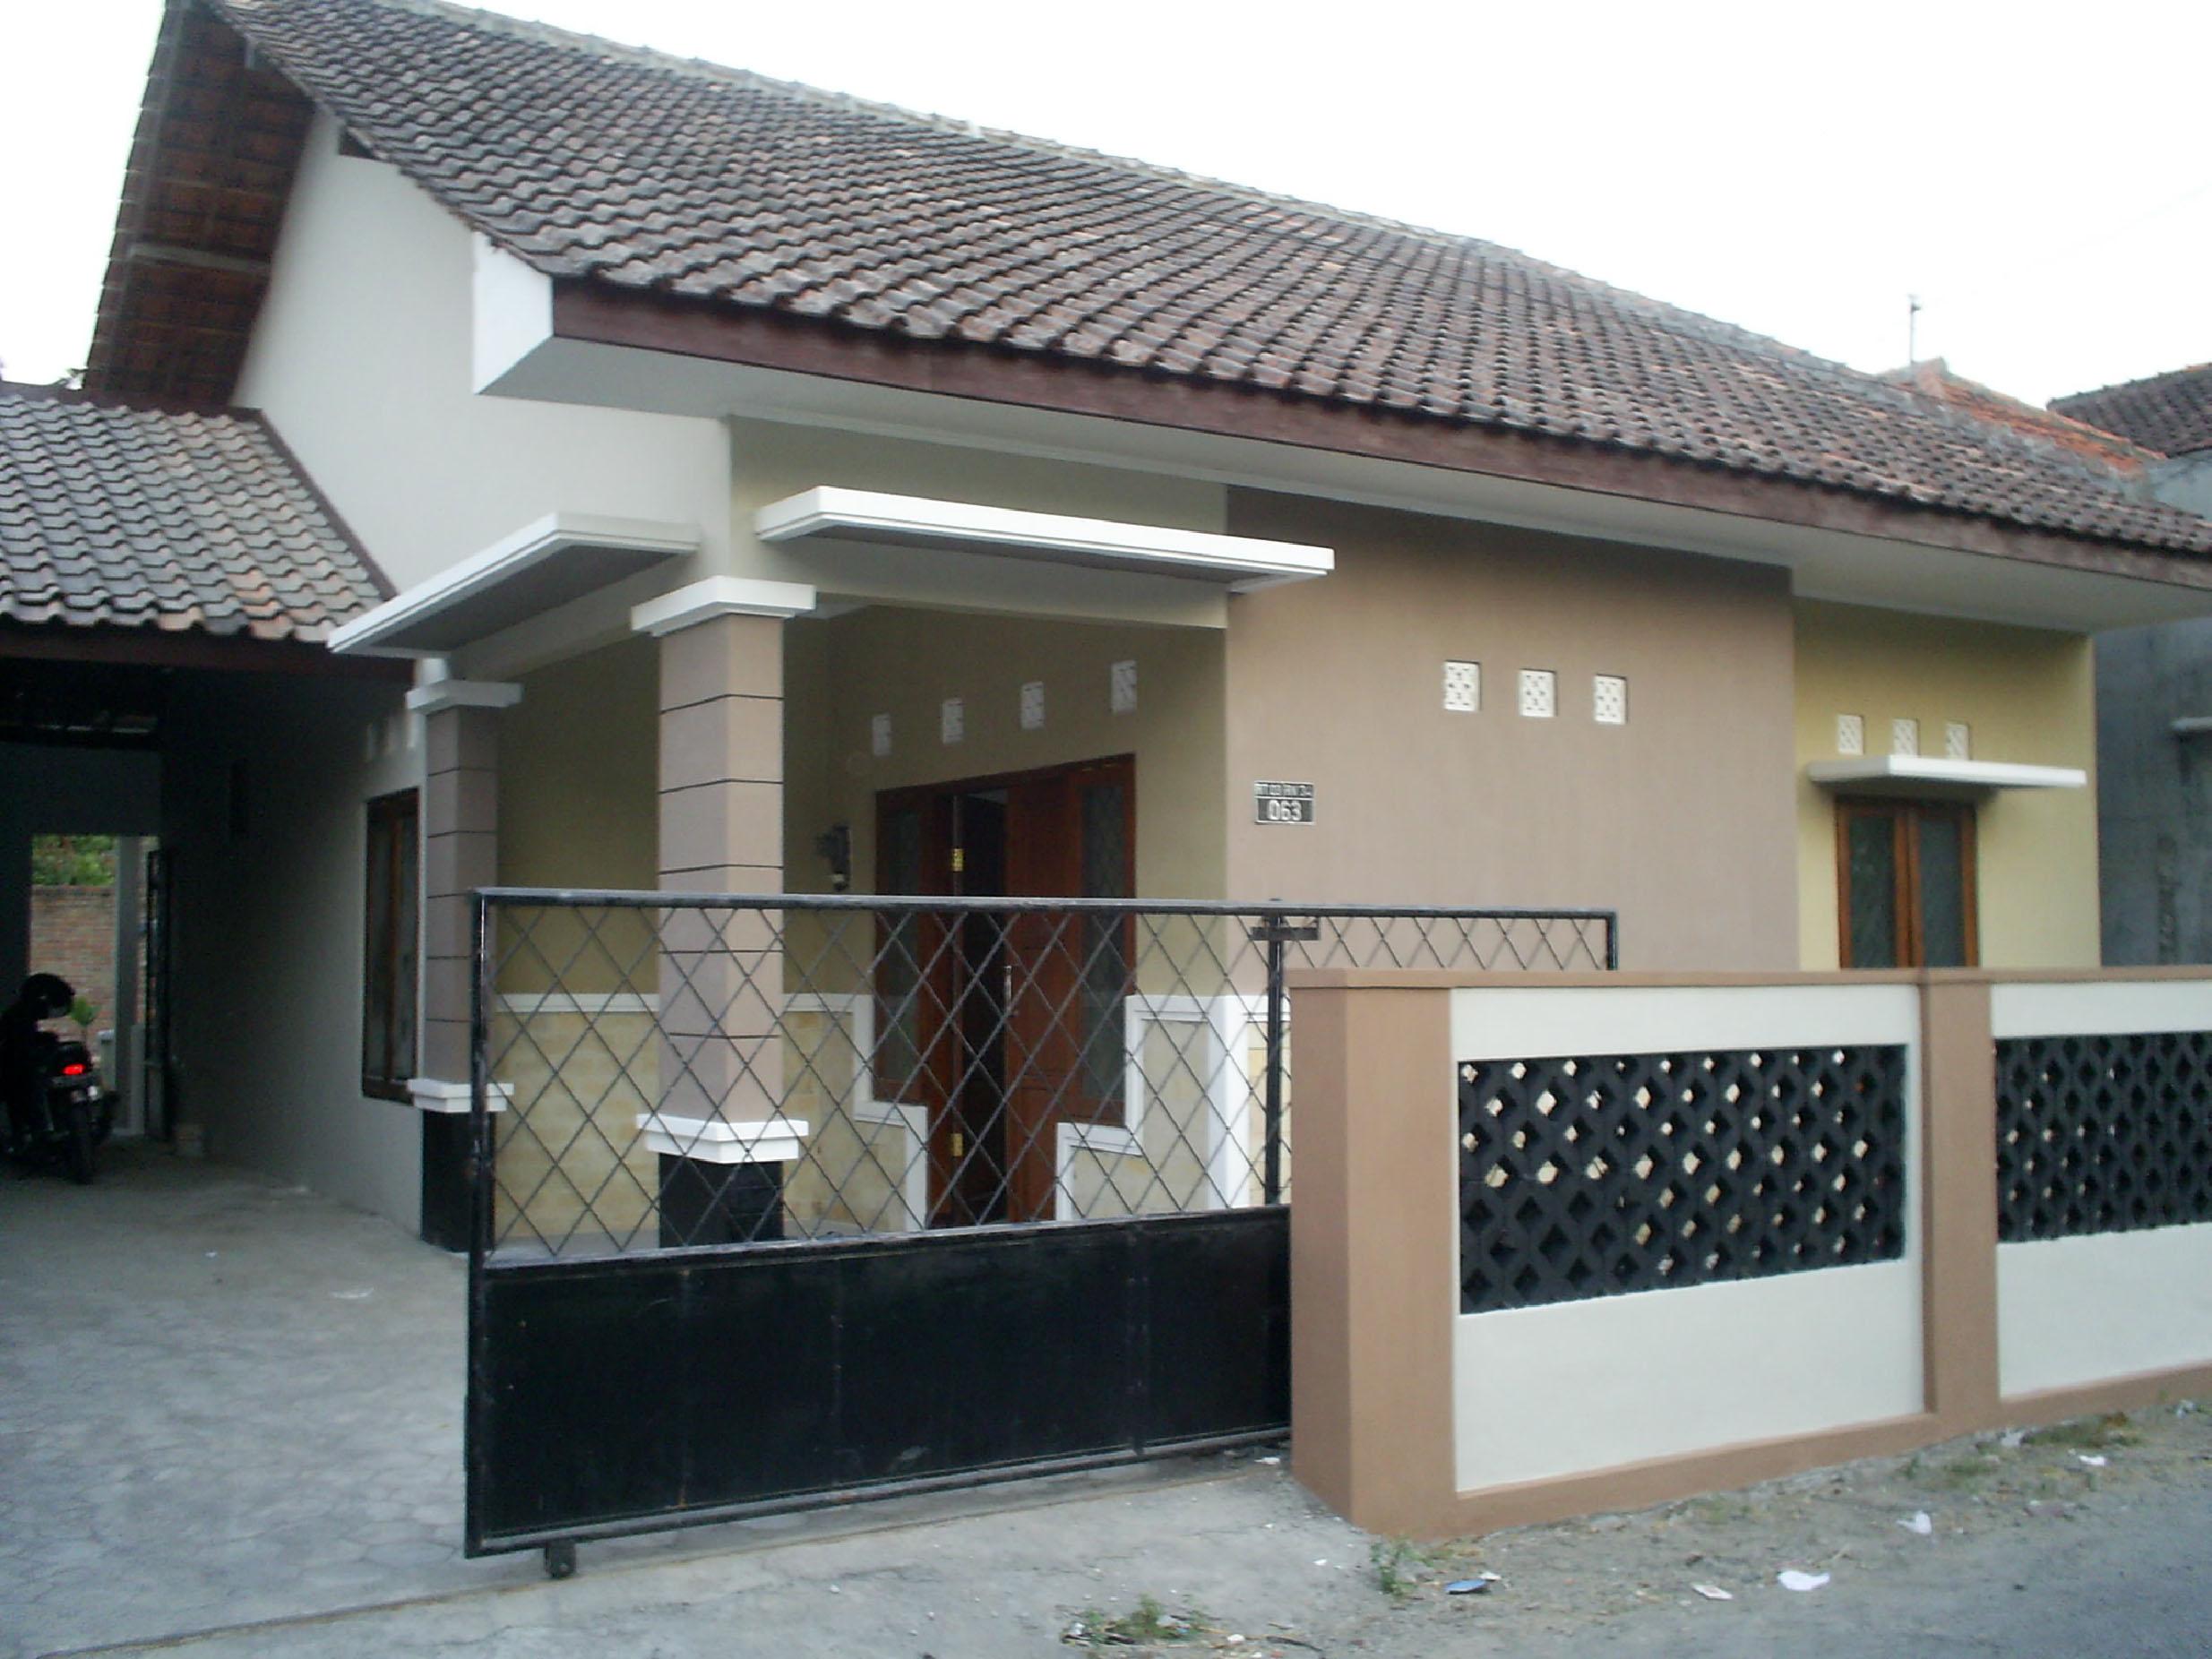 Pembangunan Rumah Tinggal Tipe 100 Milik Bpk Elo. Tahun 2007, Lokasi ...